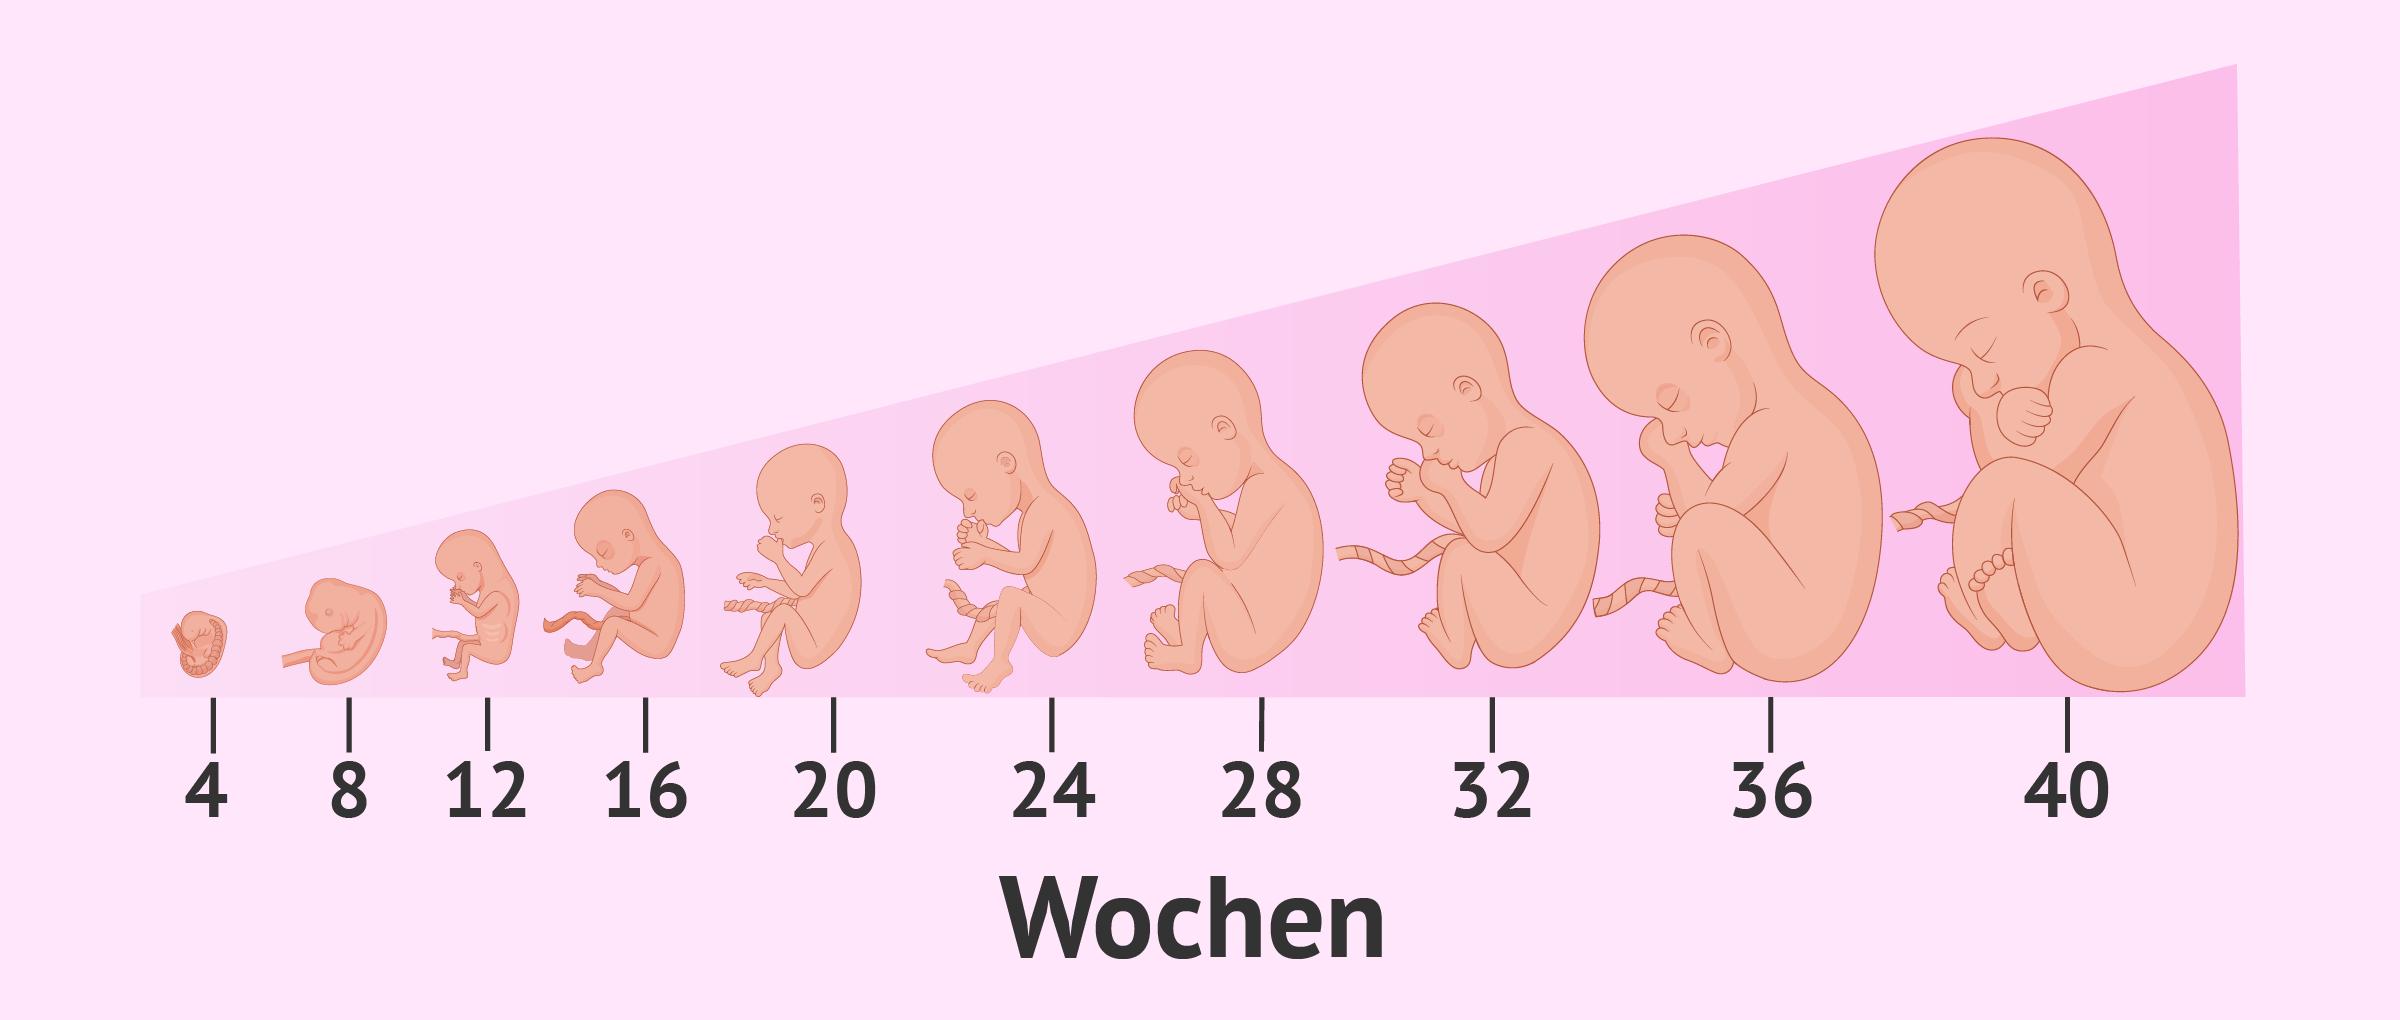 Die Schwangerschaft